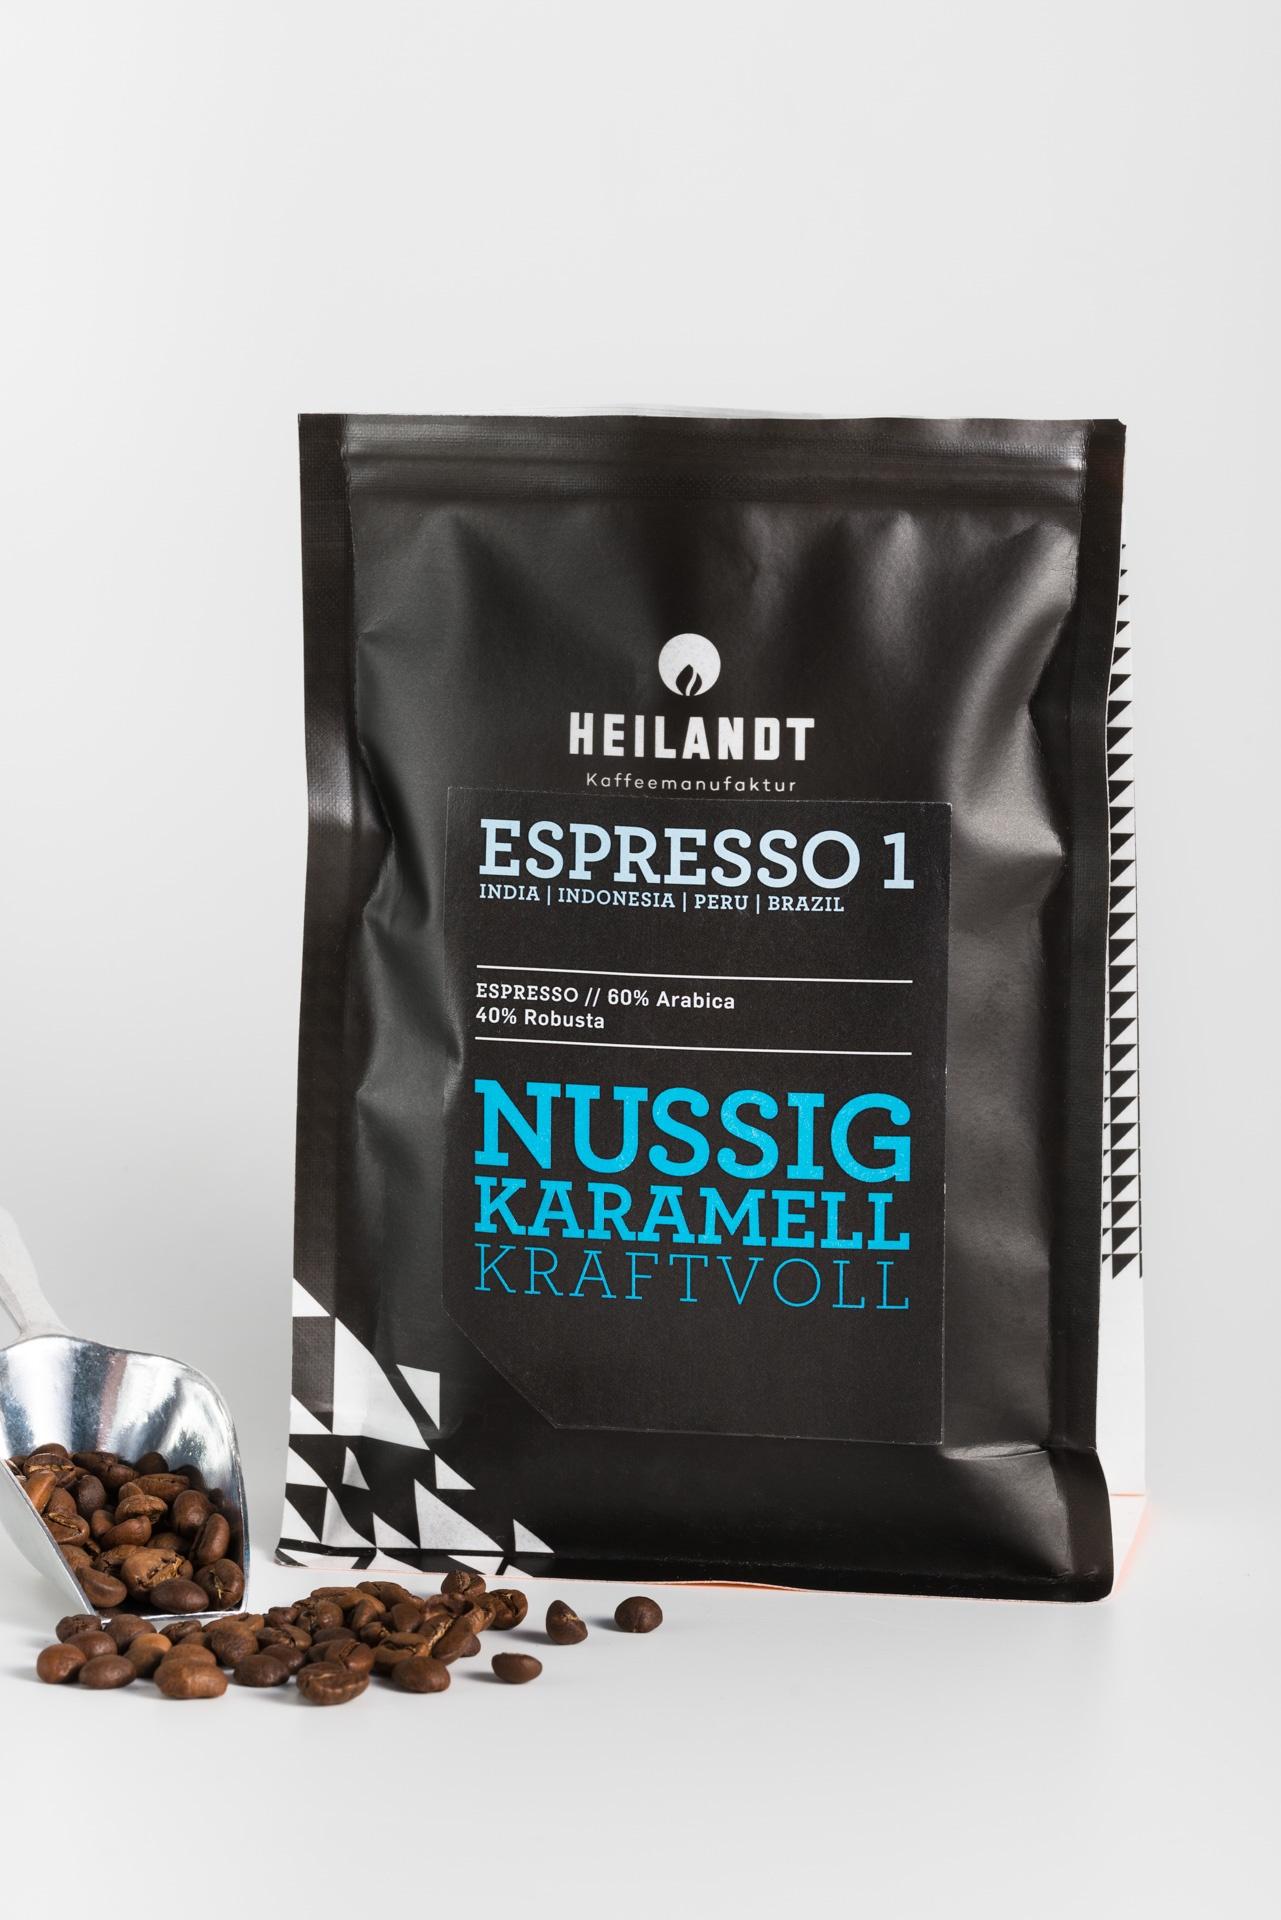 Kaffee Espresso 1 Heilandt Produktbild 2